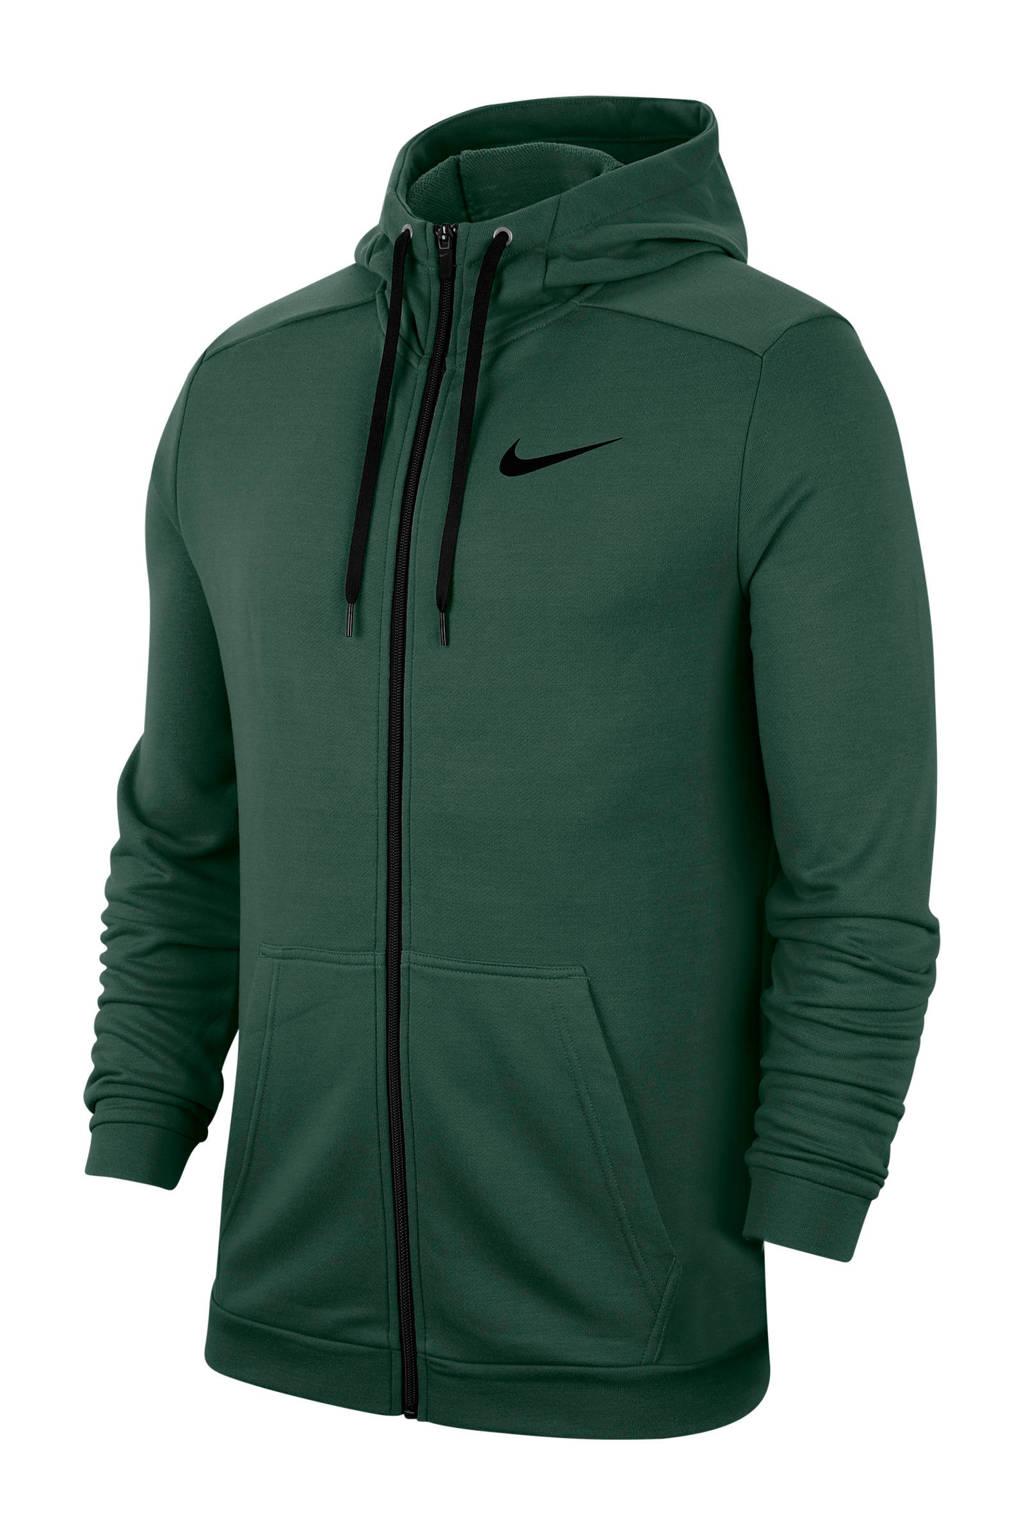 Nike   sportvest donkergroen, Donkergroen